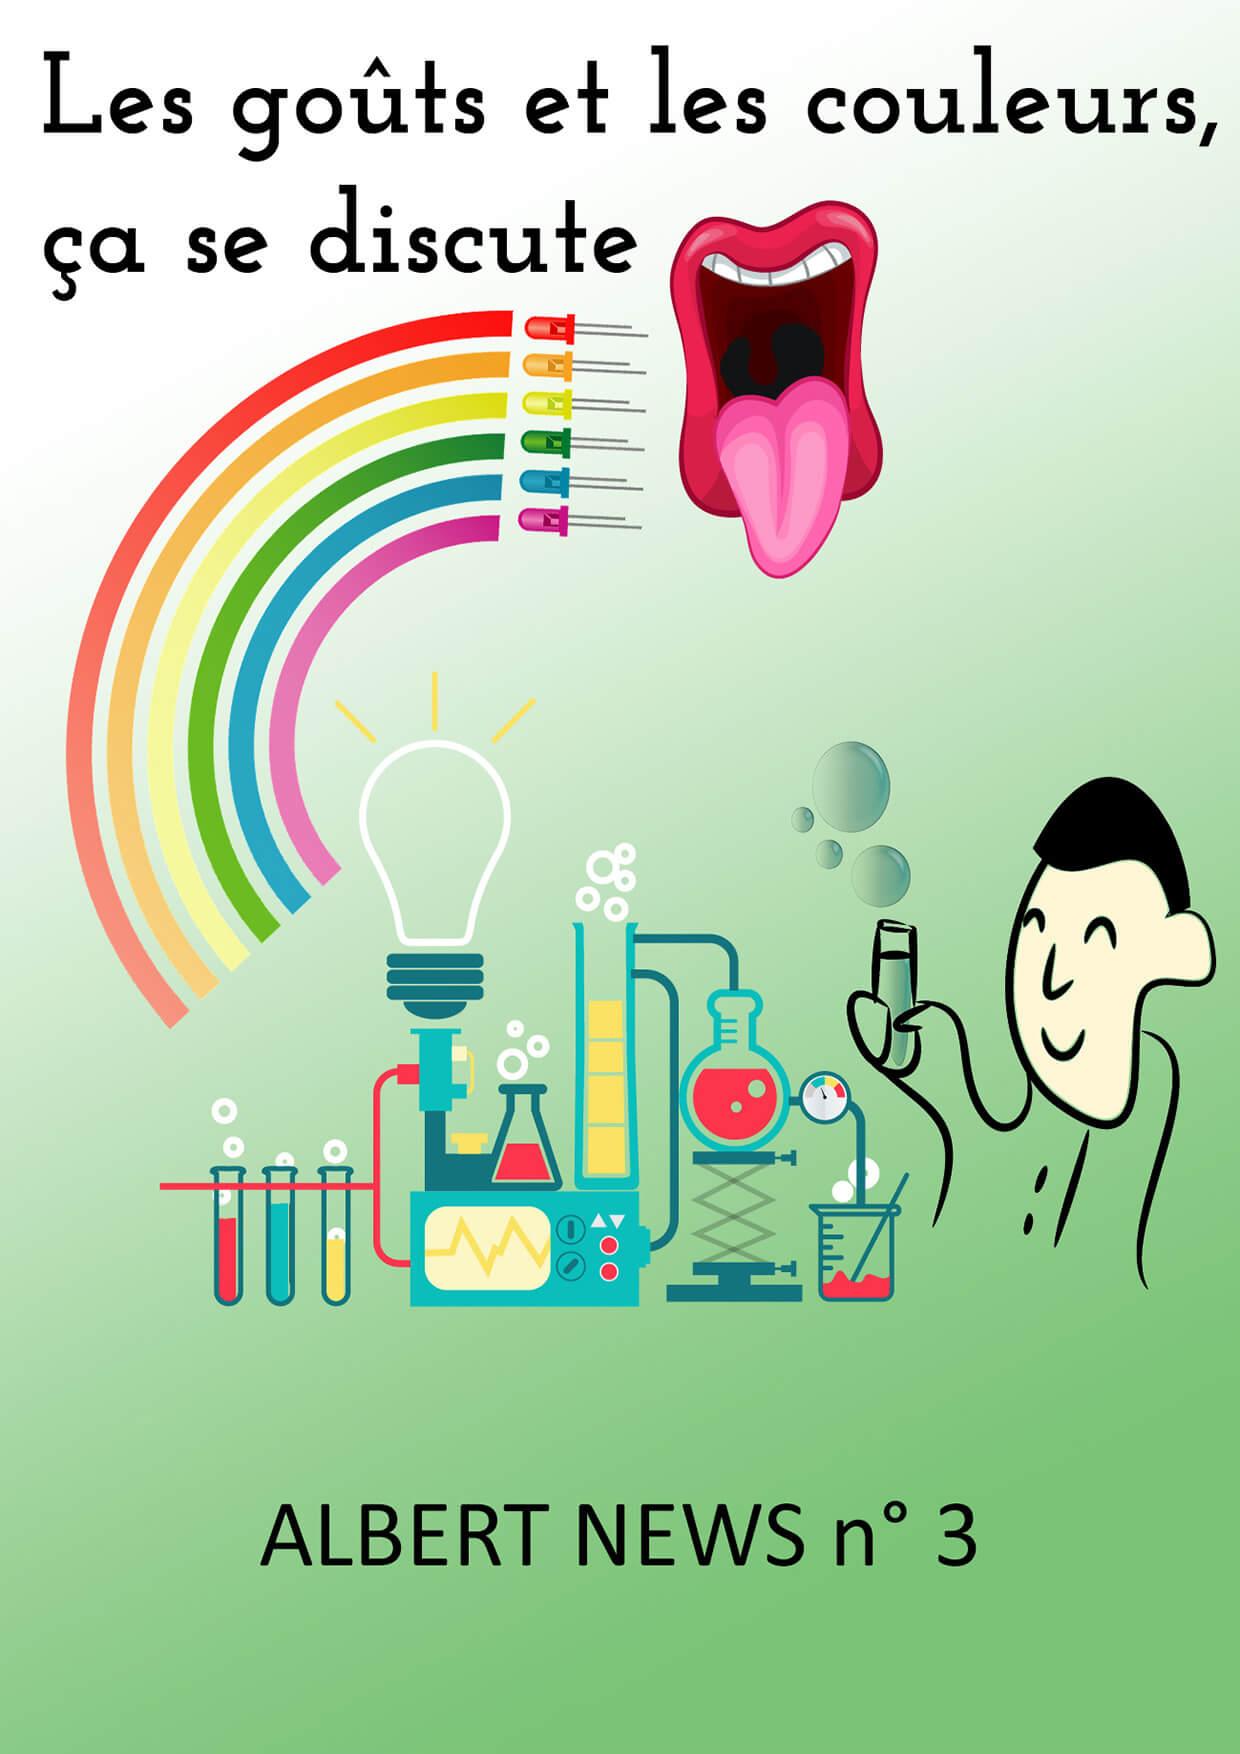 webzine expériences sur le goût et les couleurs